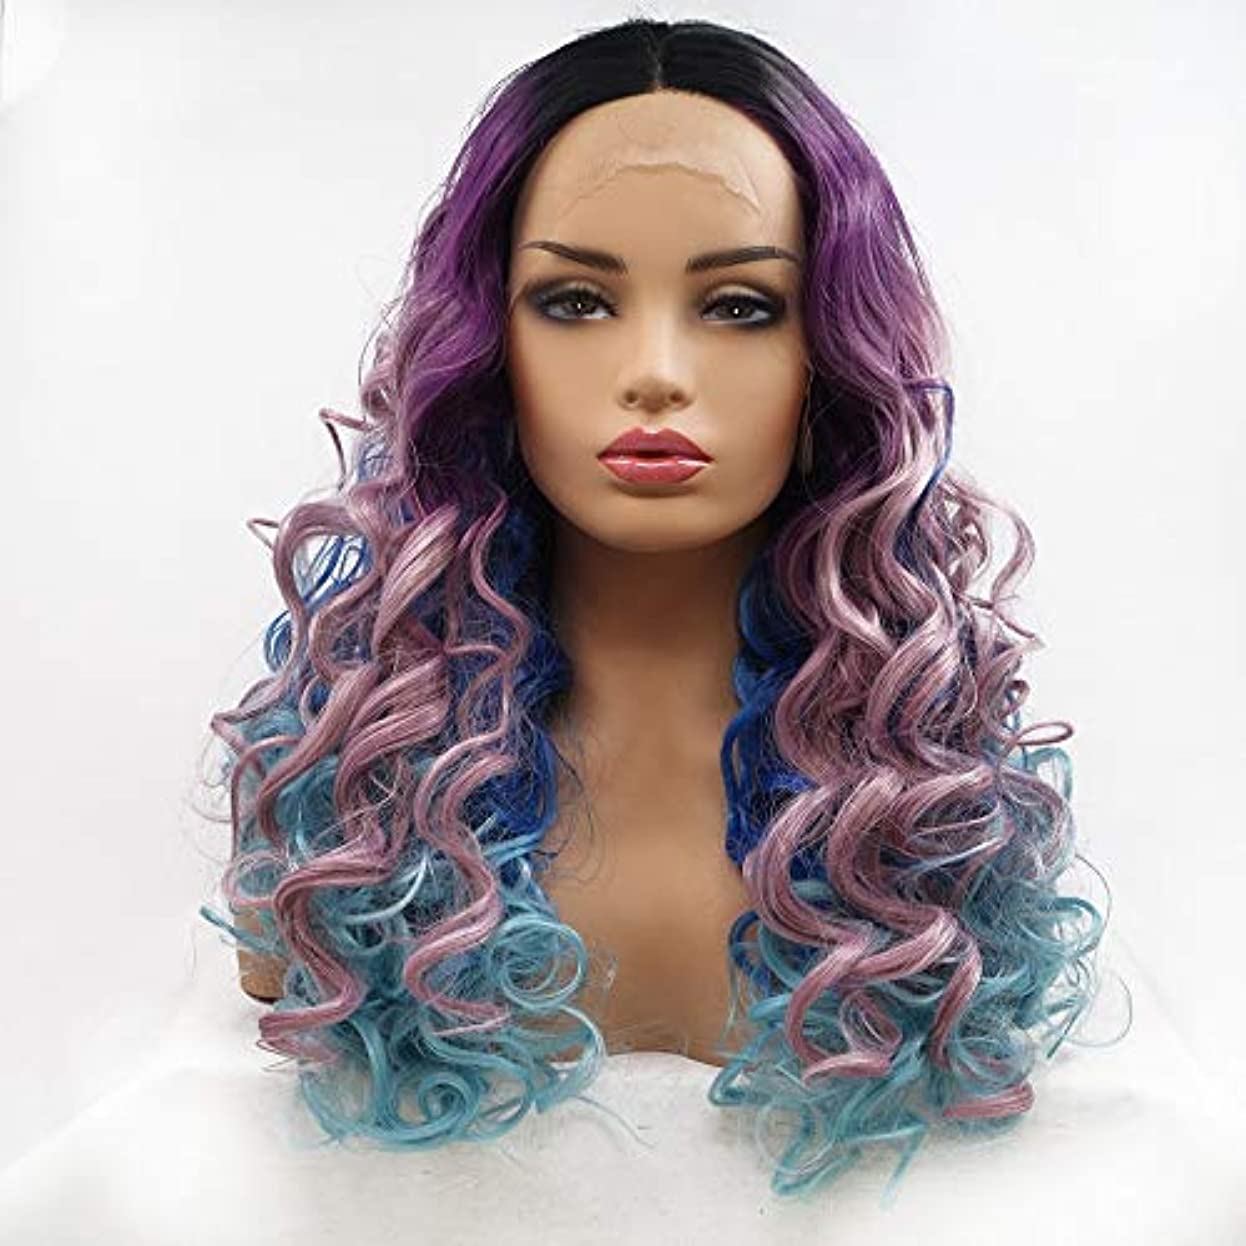 レモン制限された季節HAILAN HOME-かつら ウィッグ髪に紫、濃い青 - 青 - 勾配Farseeing髪カーリーヘアウィッグレディース手作りのレースのヨーロッパとアメリカのウィッグセットが生物リアルな換気を設定します。